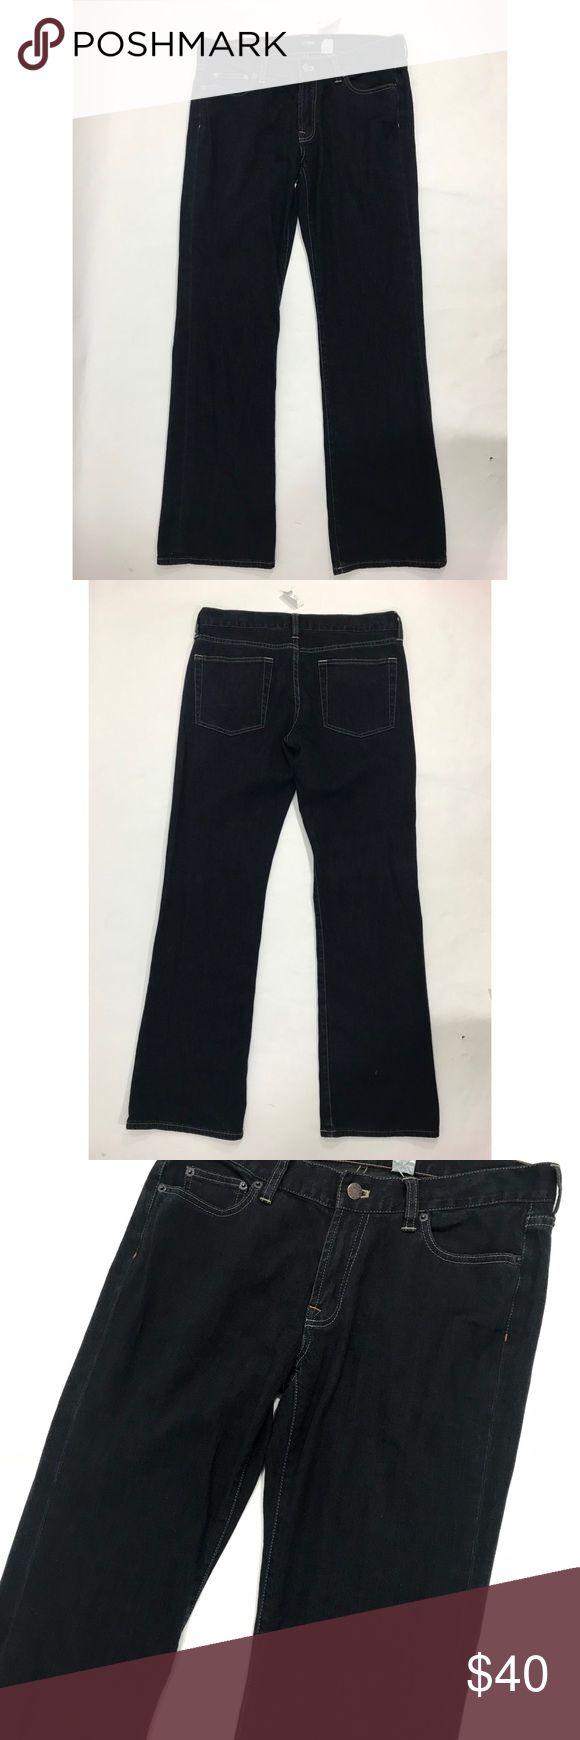 J Crew Jeans Size 30 Dark Blue Bootcut Hip Slung J Crew Womens Jeans Size 30 Dark Blue Denim Bootcut Hip Slung Stretch NEW. J. Crew Jeans Boot Cut